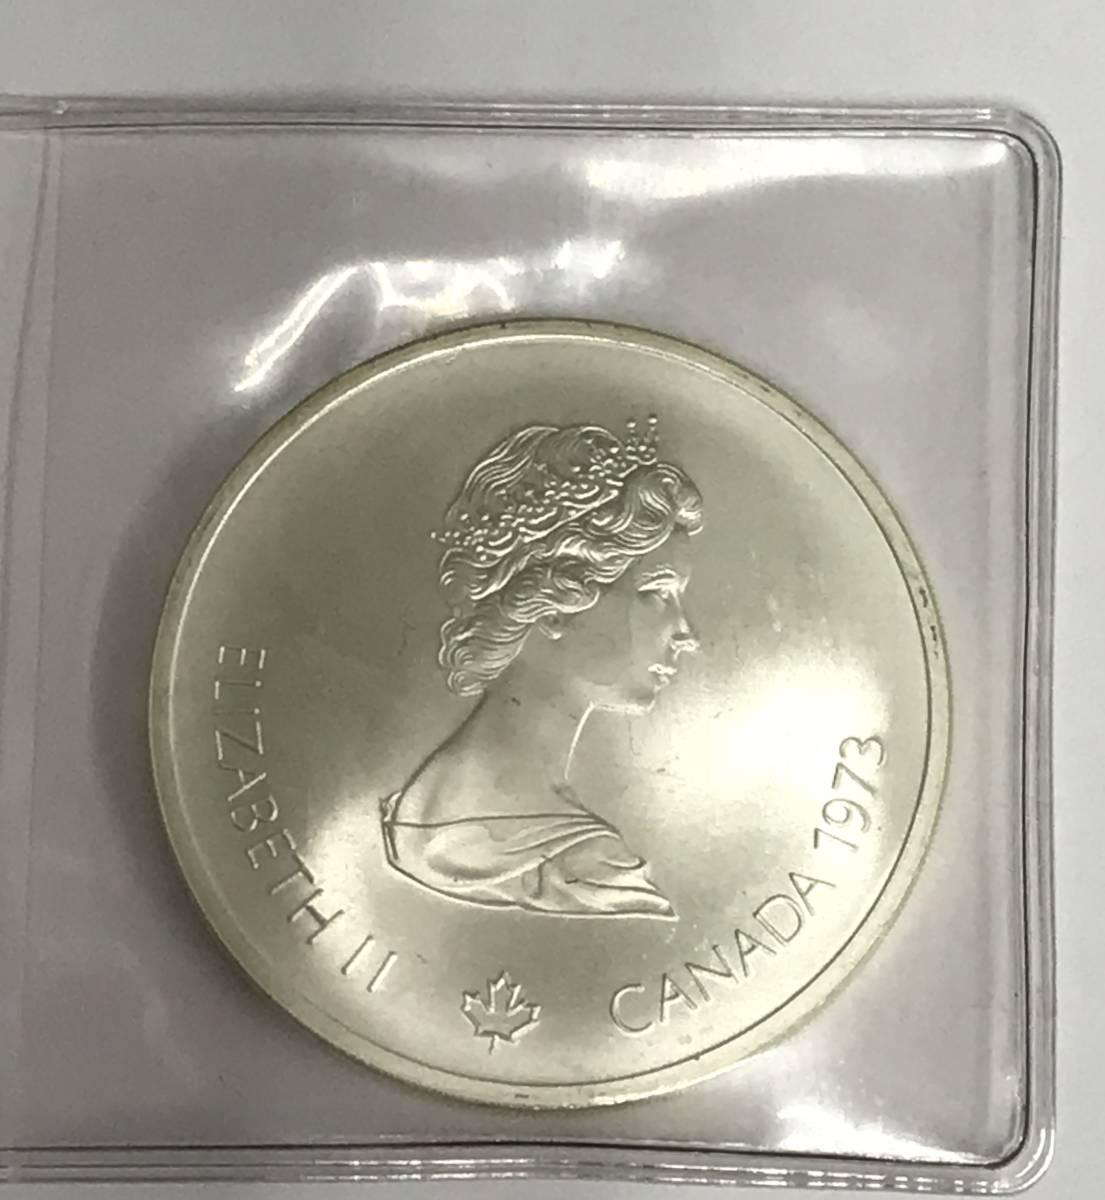 カナダ モントリオール オリンピック記念コイン 10ドル銀貨 1976